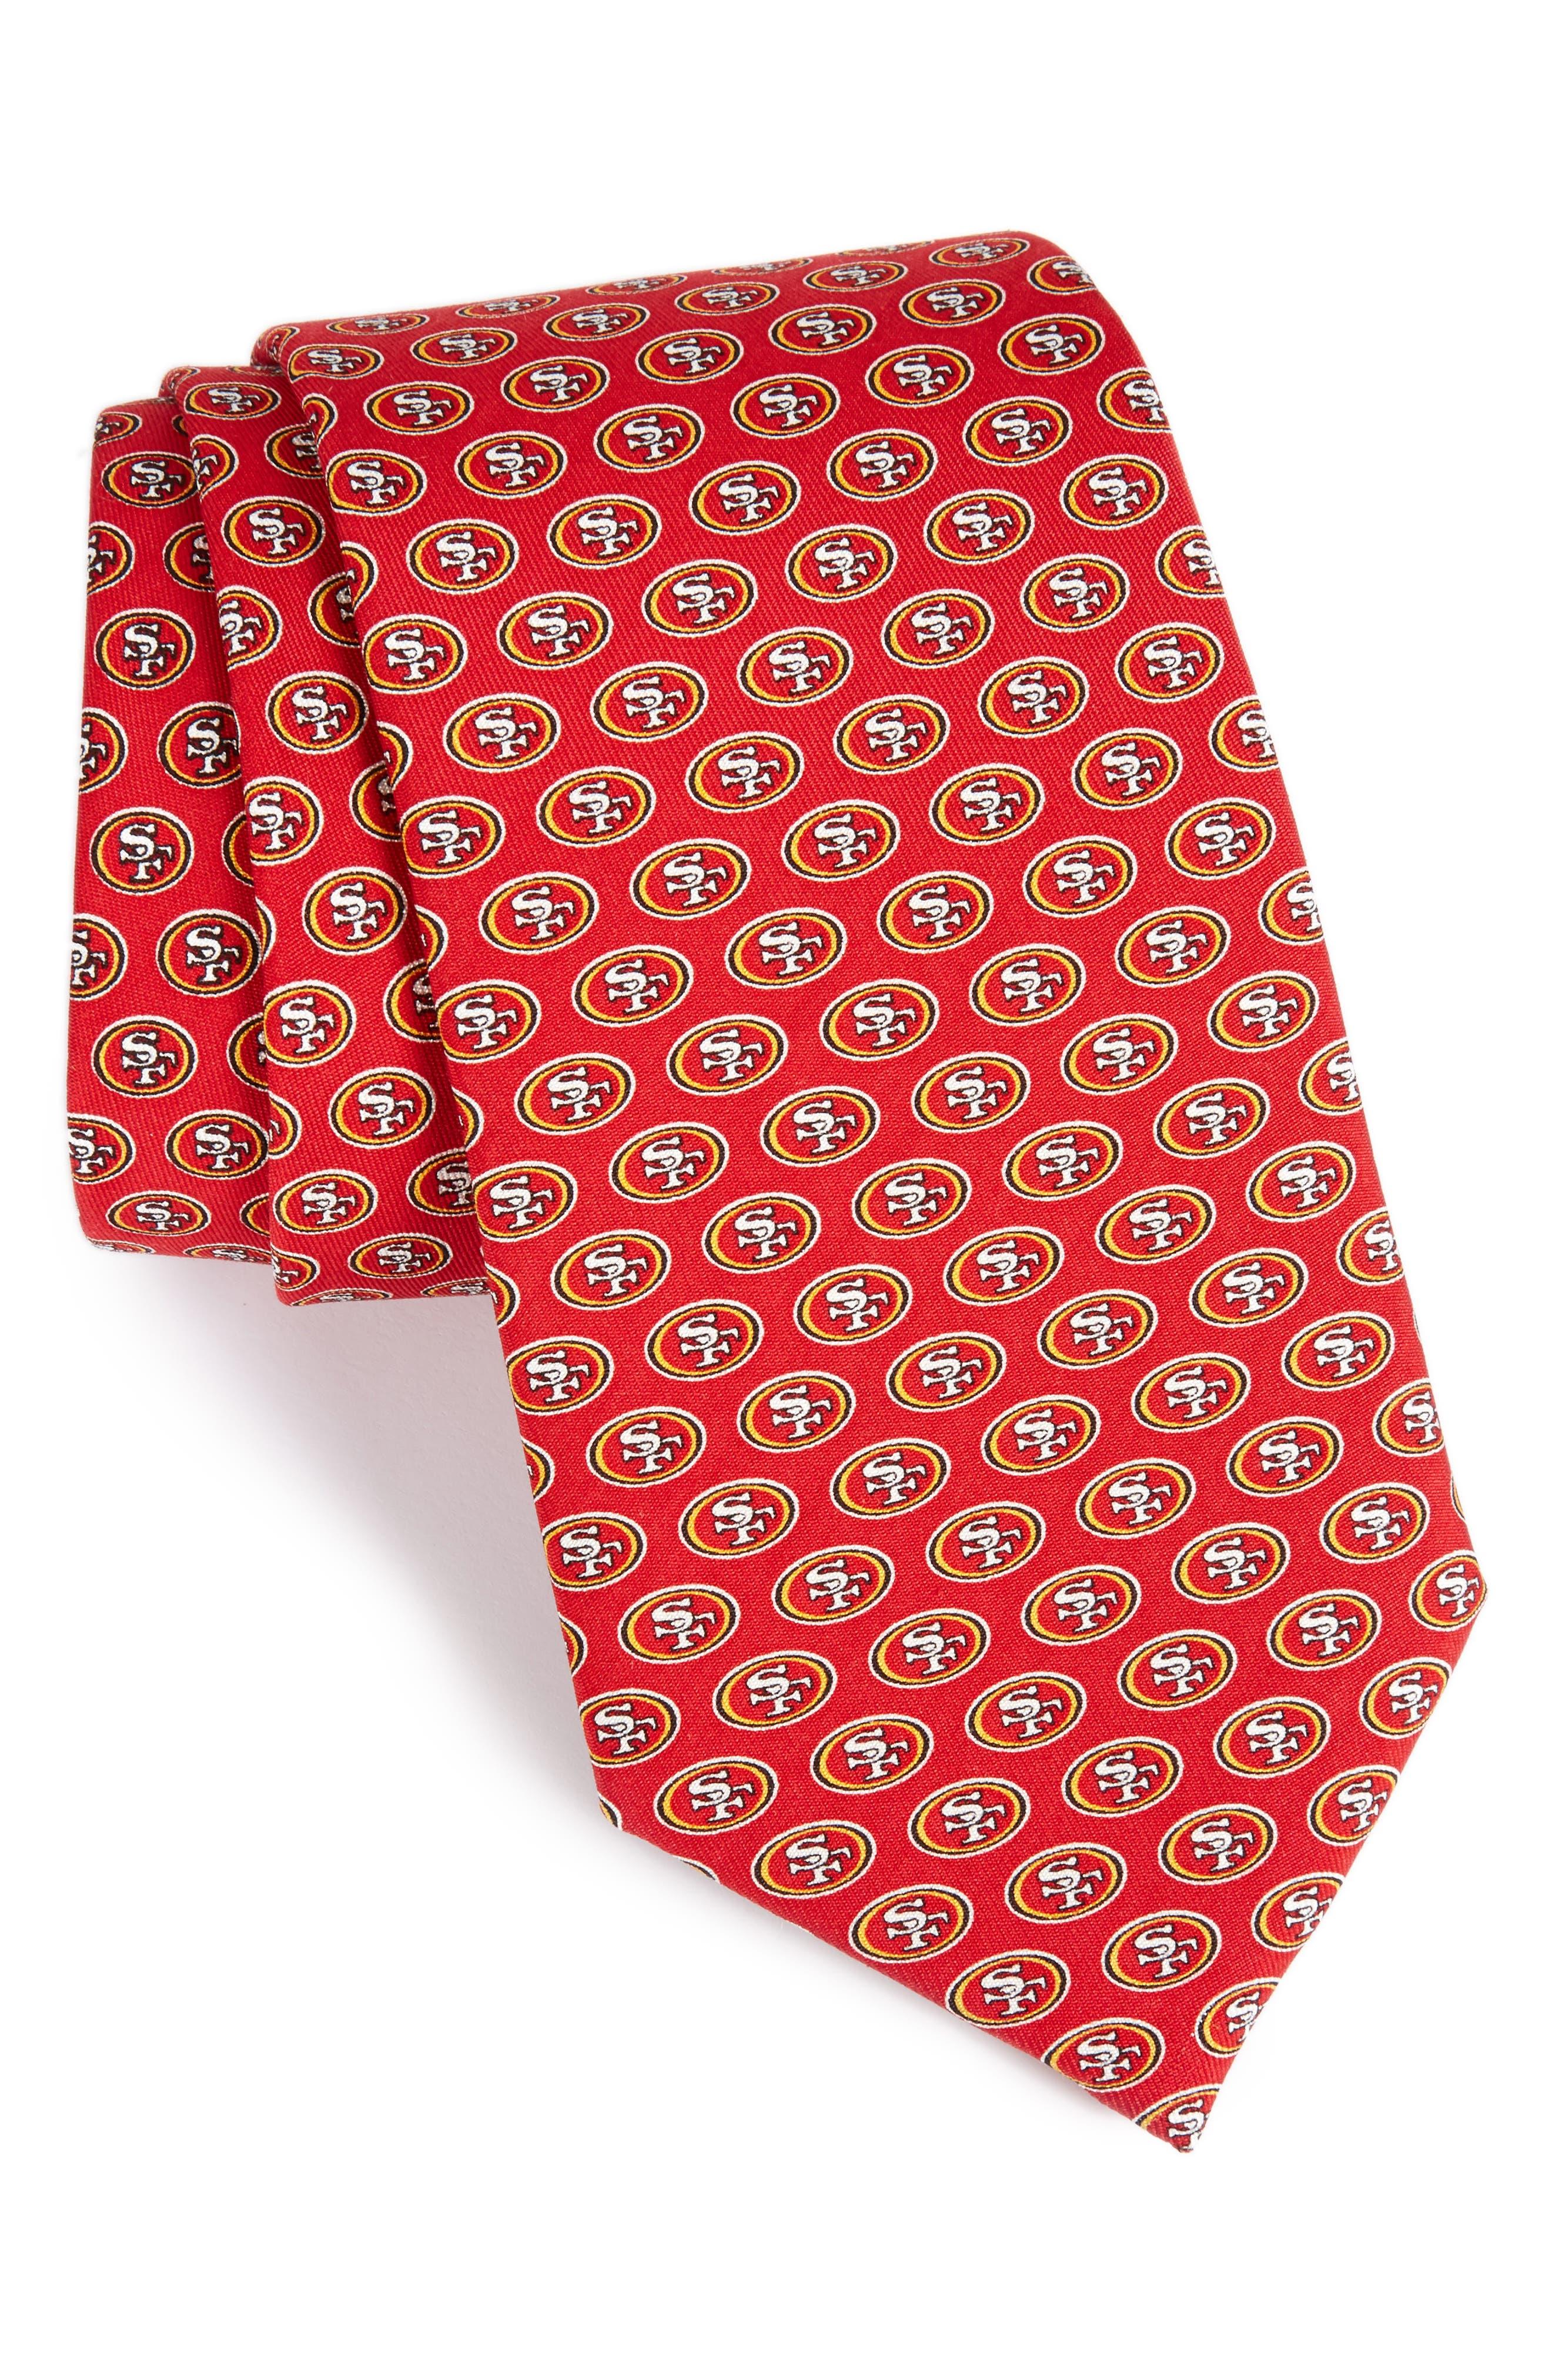 VINEYARD VINES San Francisco 49ers Silk Tie